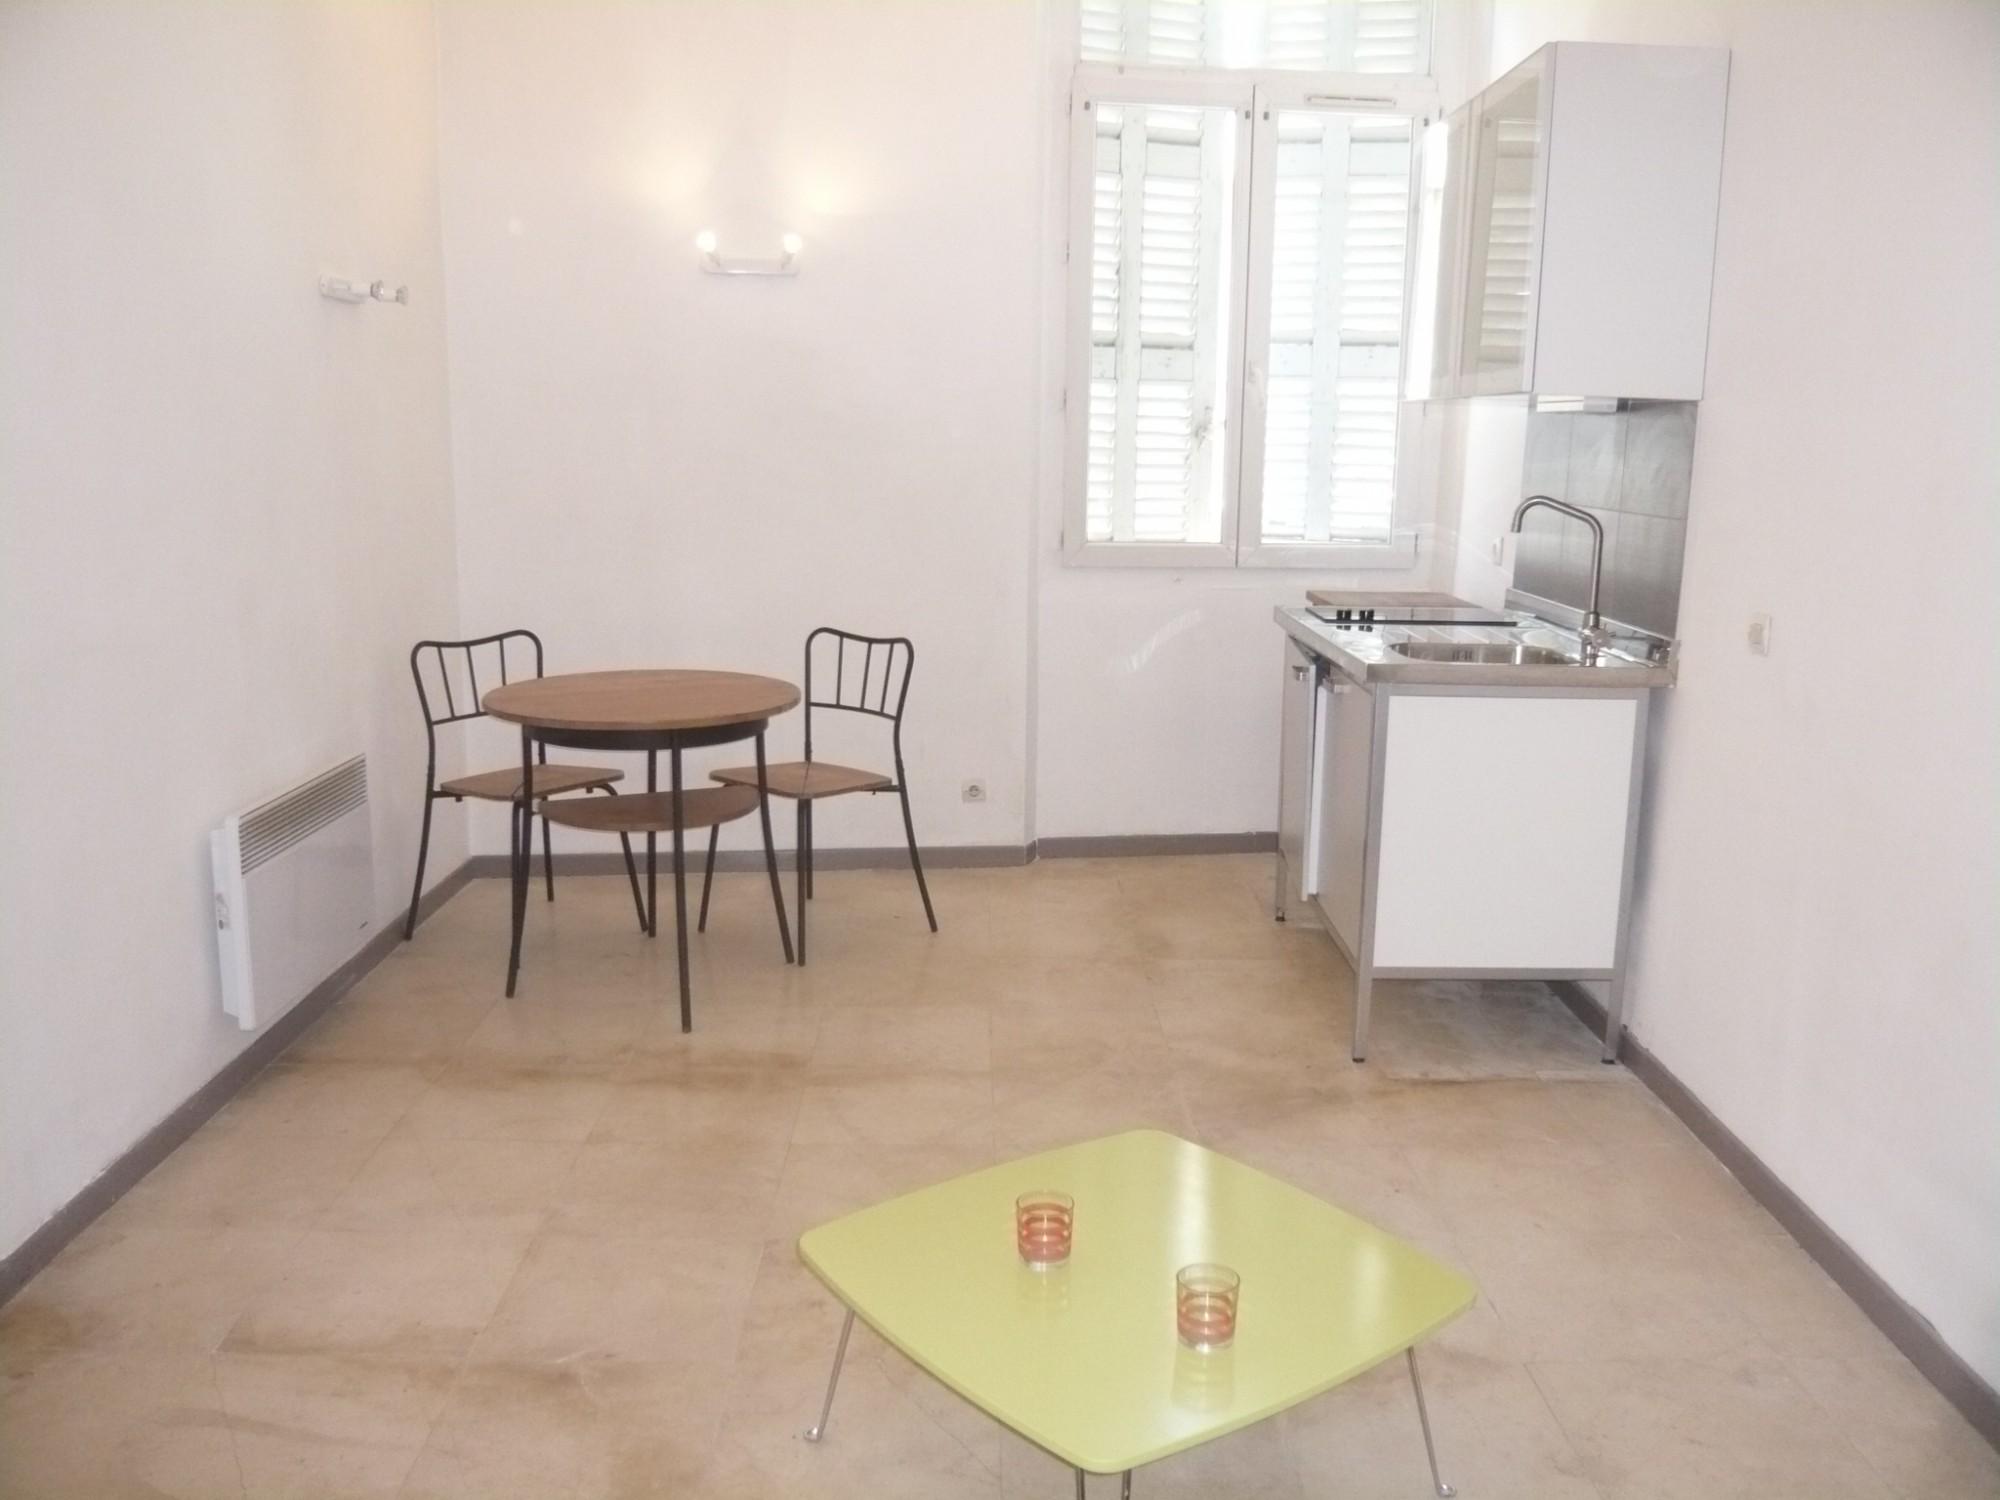 Ventes appartement t1 f1 marseille 07 quartier saint for Appartement meuble marseille